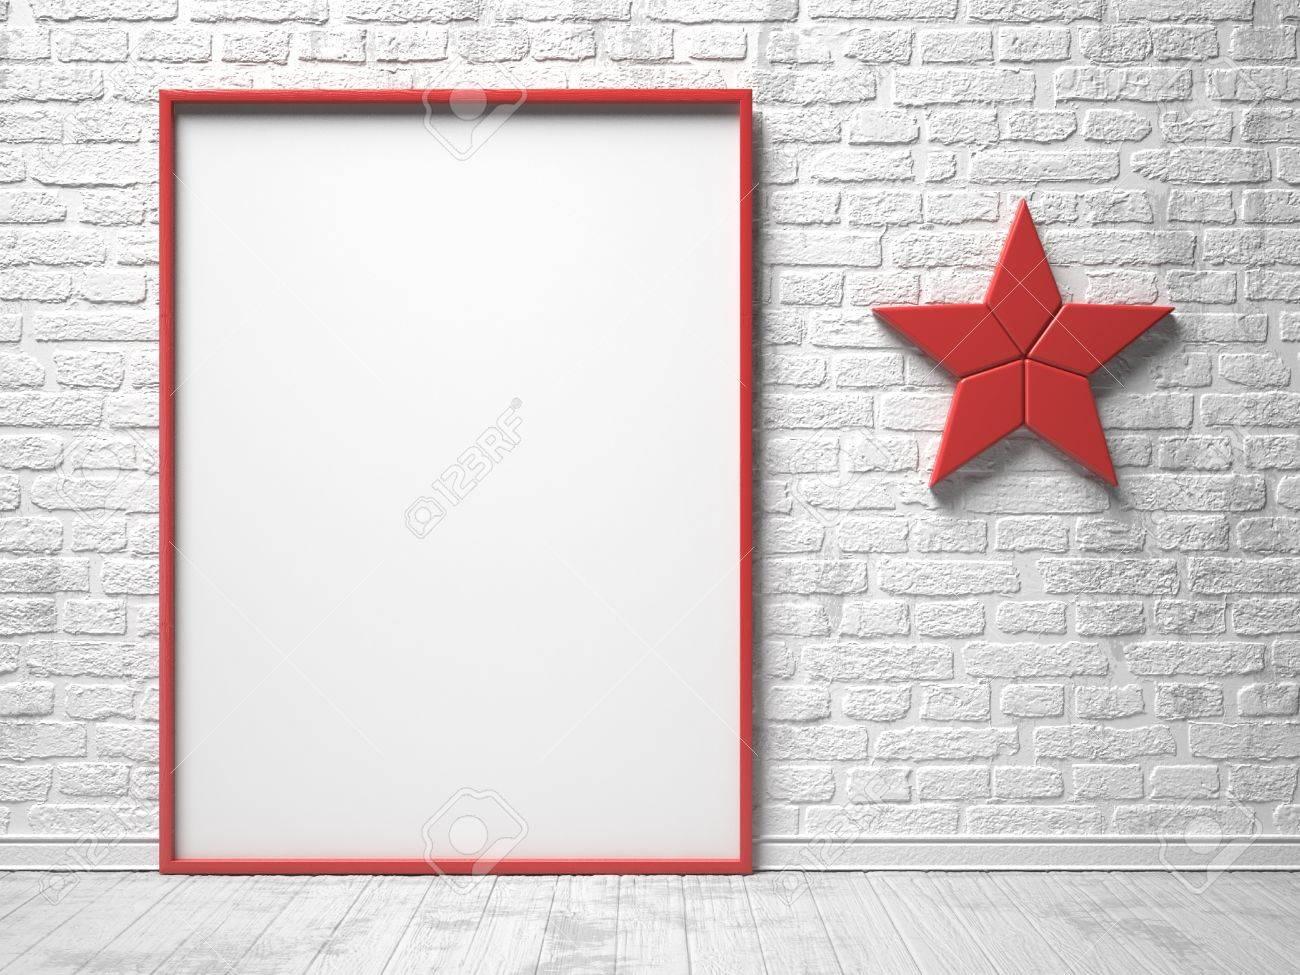 Maqueta Marco De Lona De Color Rojo, Rojo Decoración Estrella Y ...